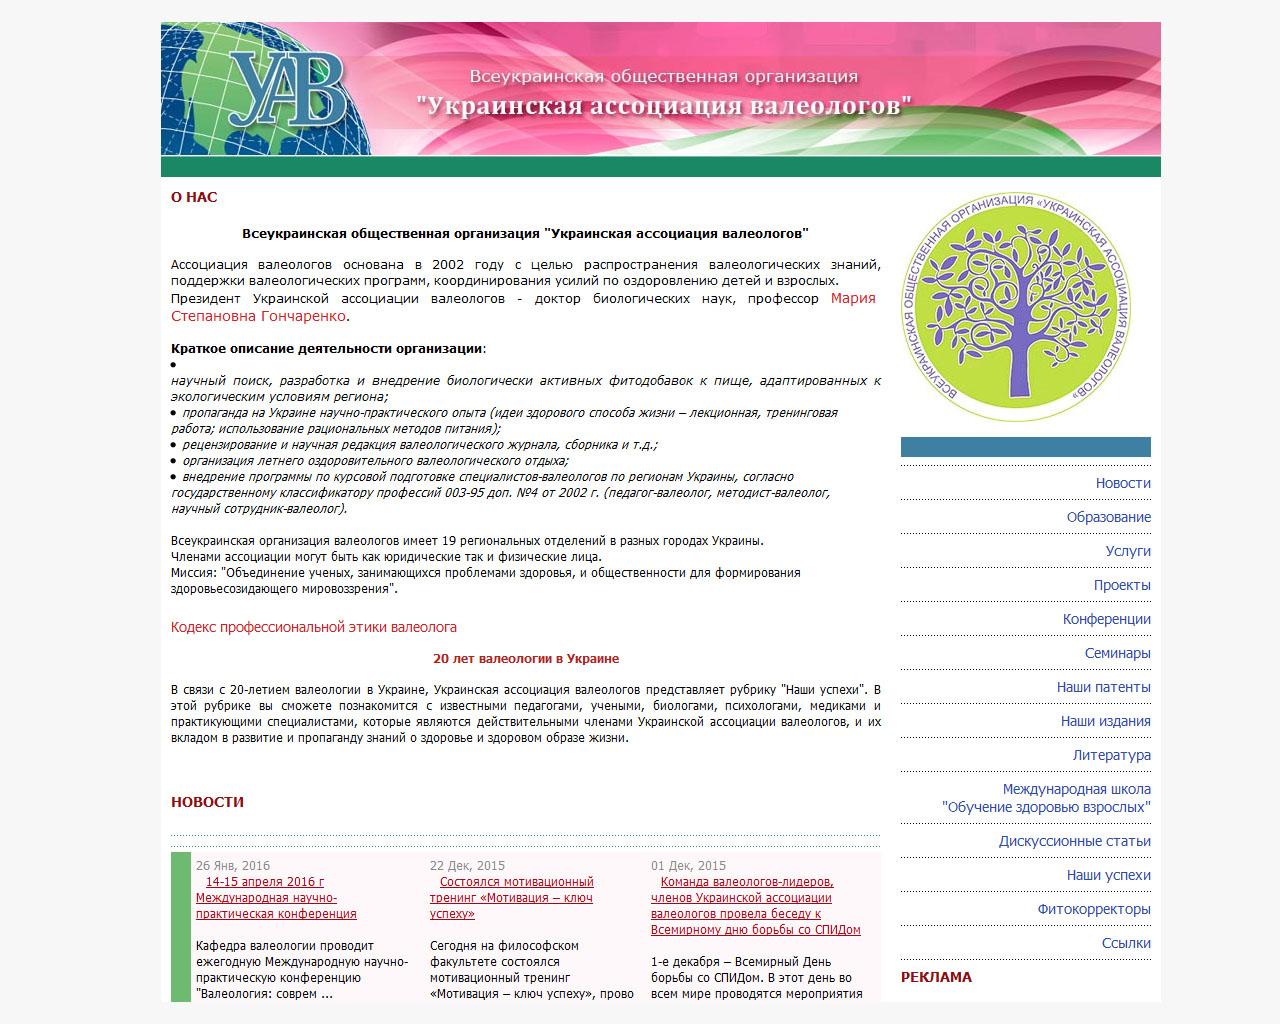 Украинская ассоциация валеологов